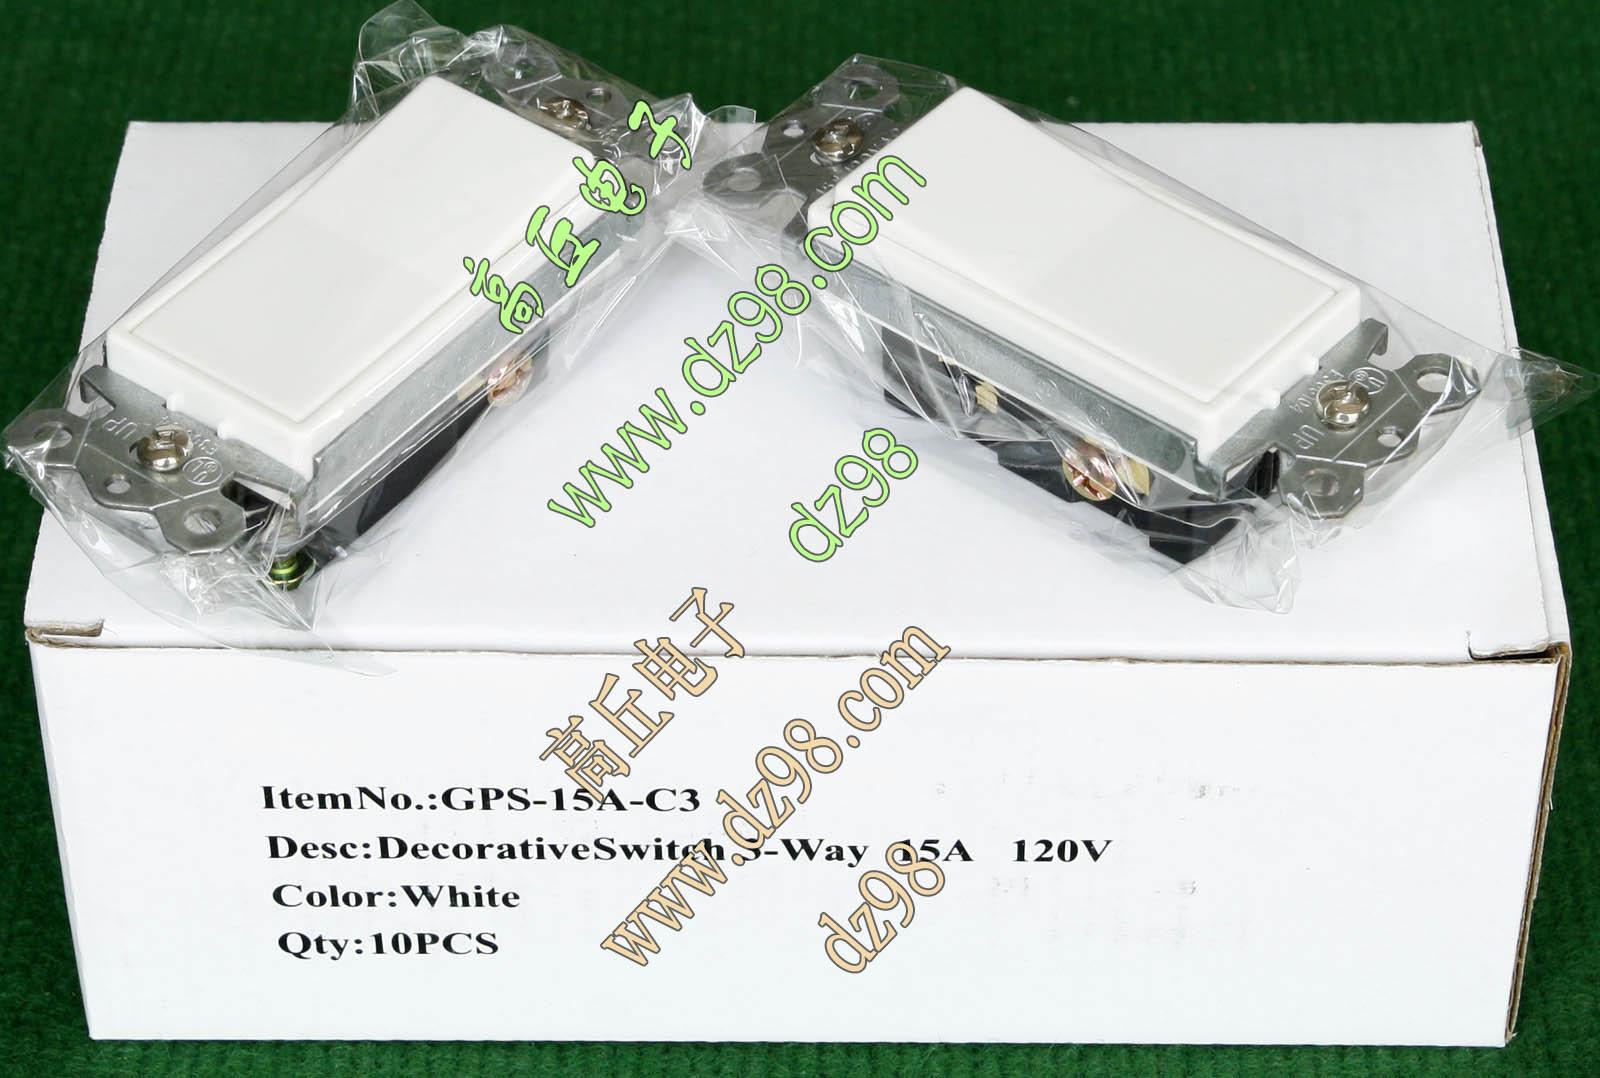 原装出口 美标 白色 120V 15A 3线 双控 1位 墙壁 面板 电源开关